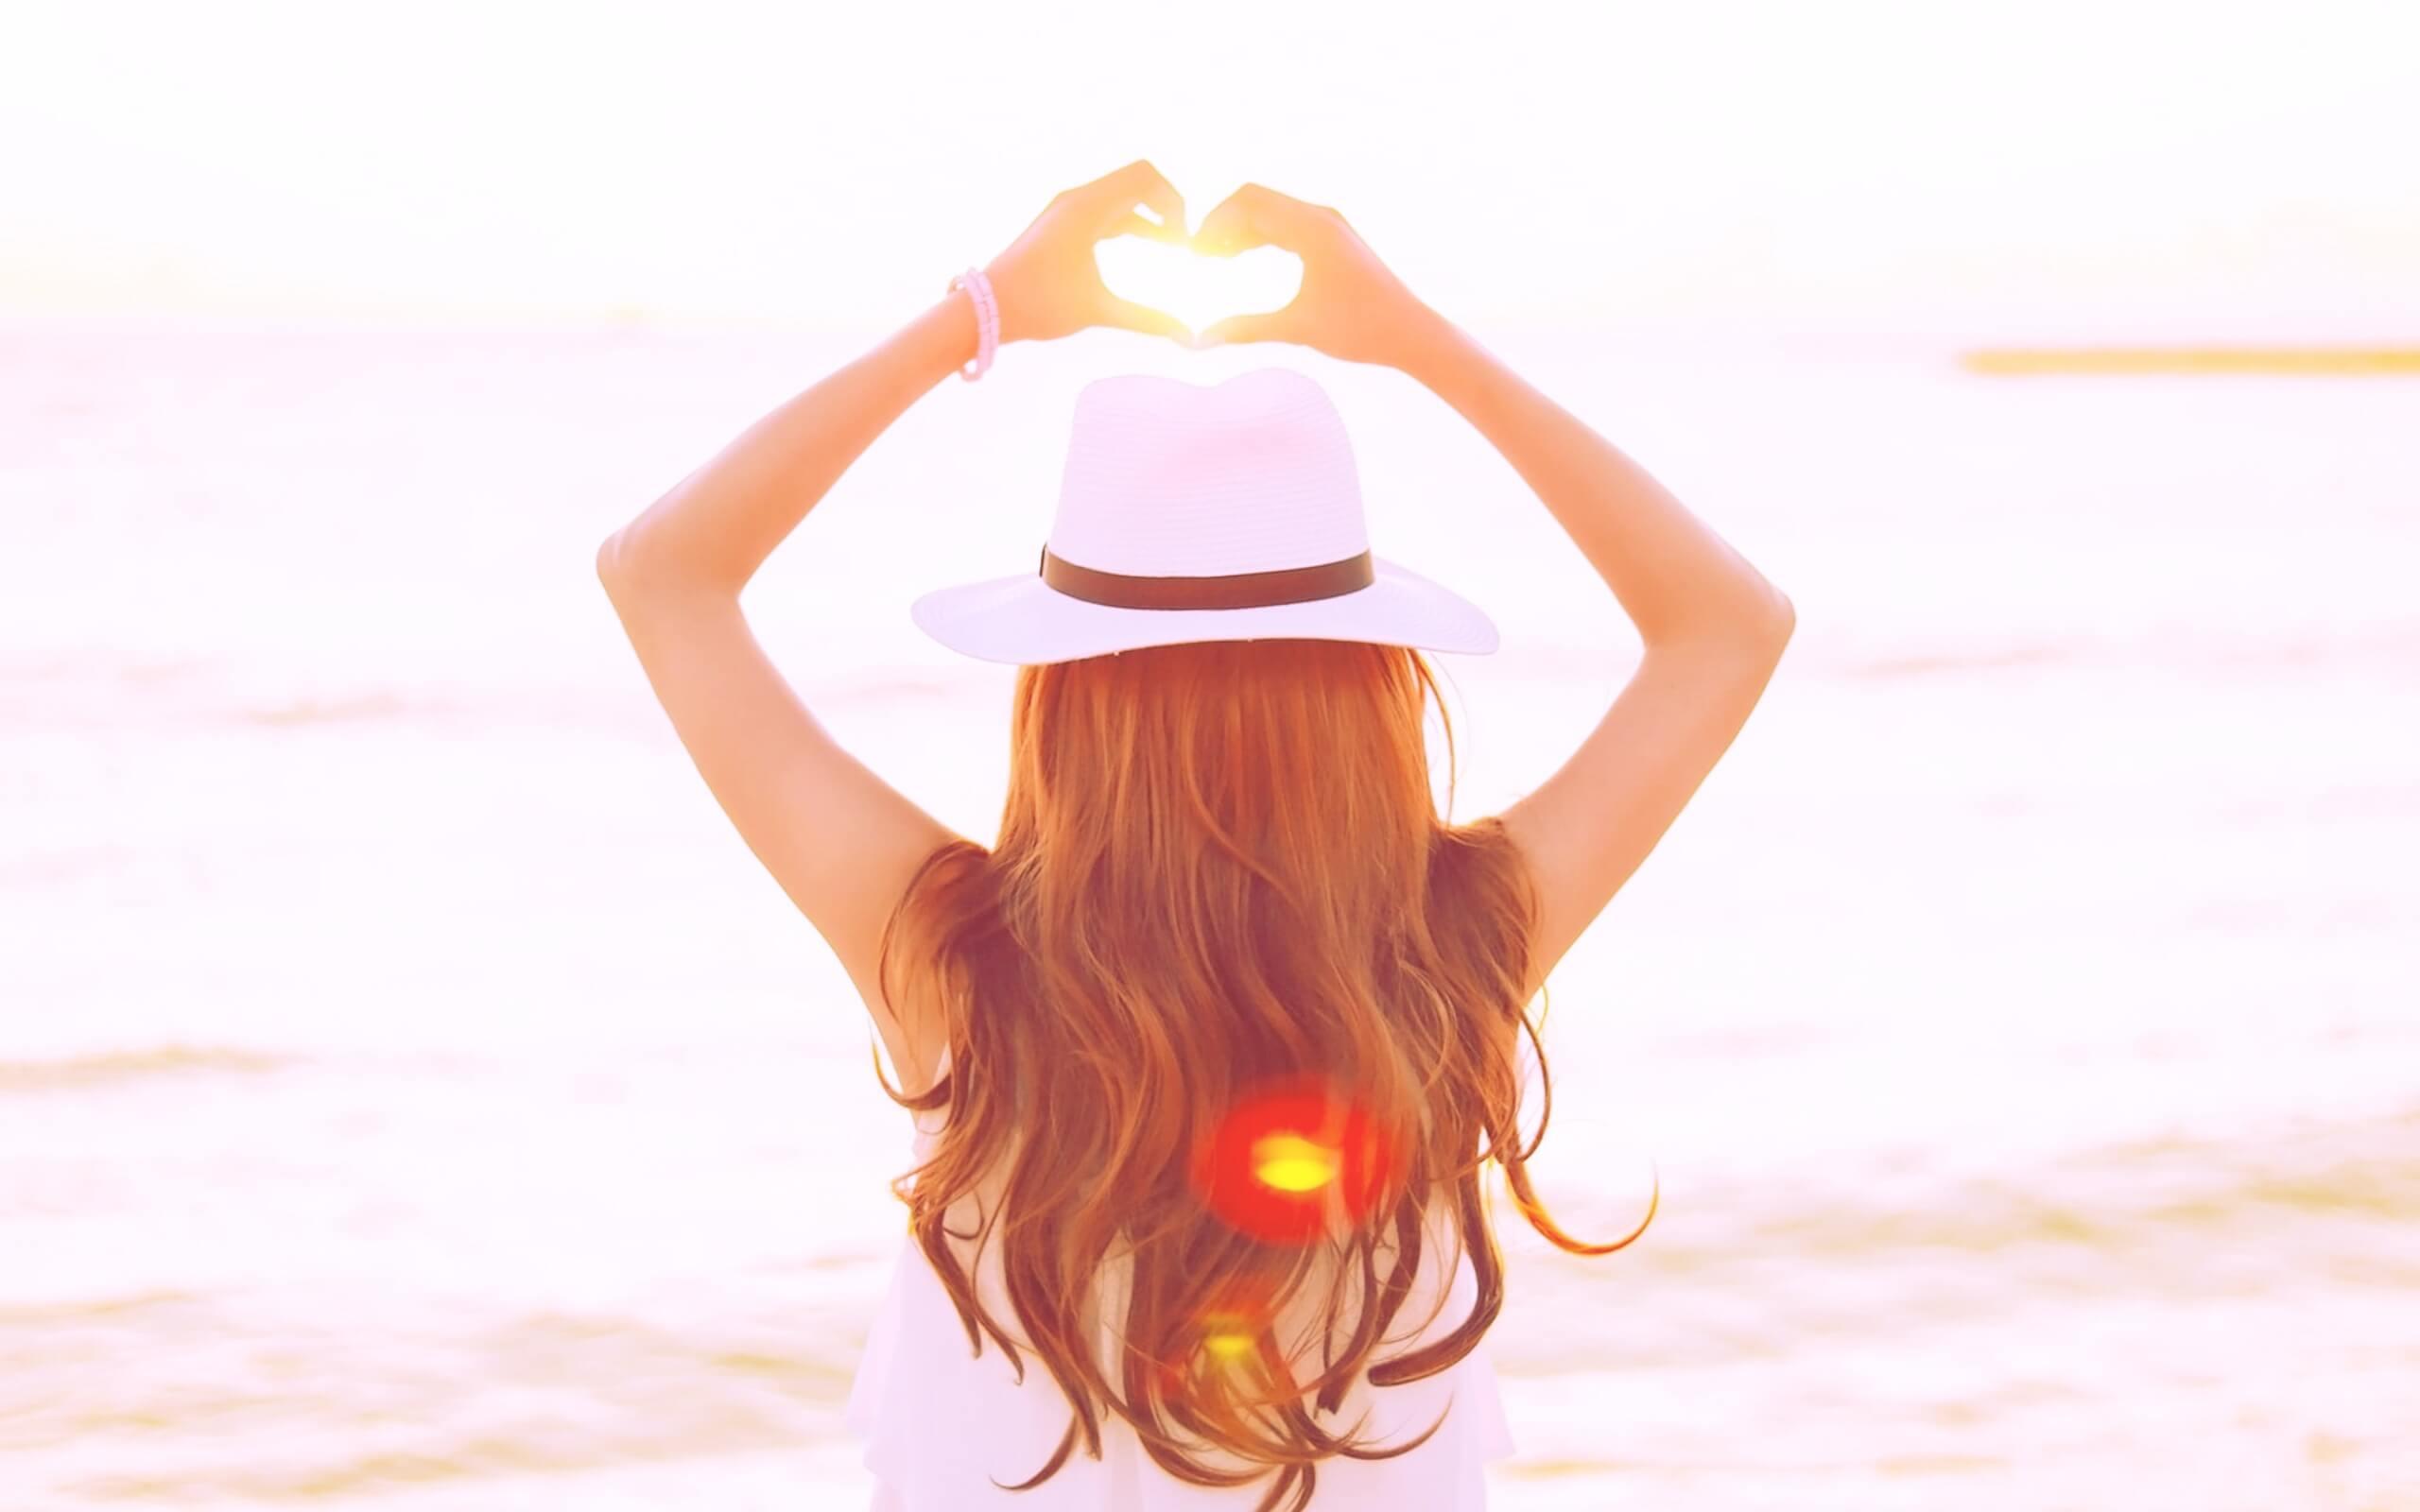 夏の太陽と女の子